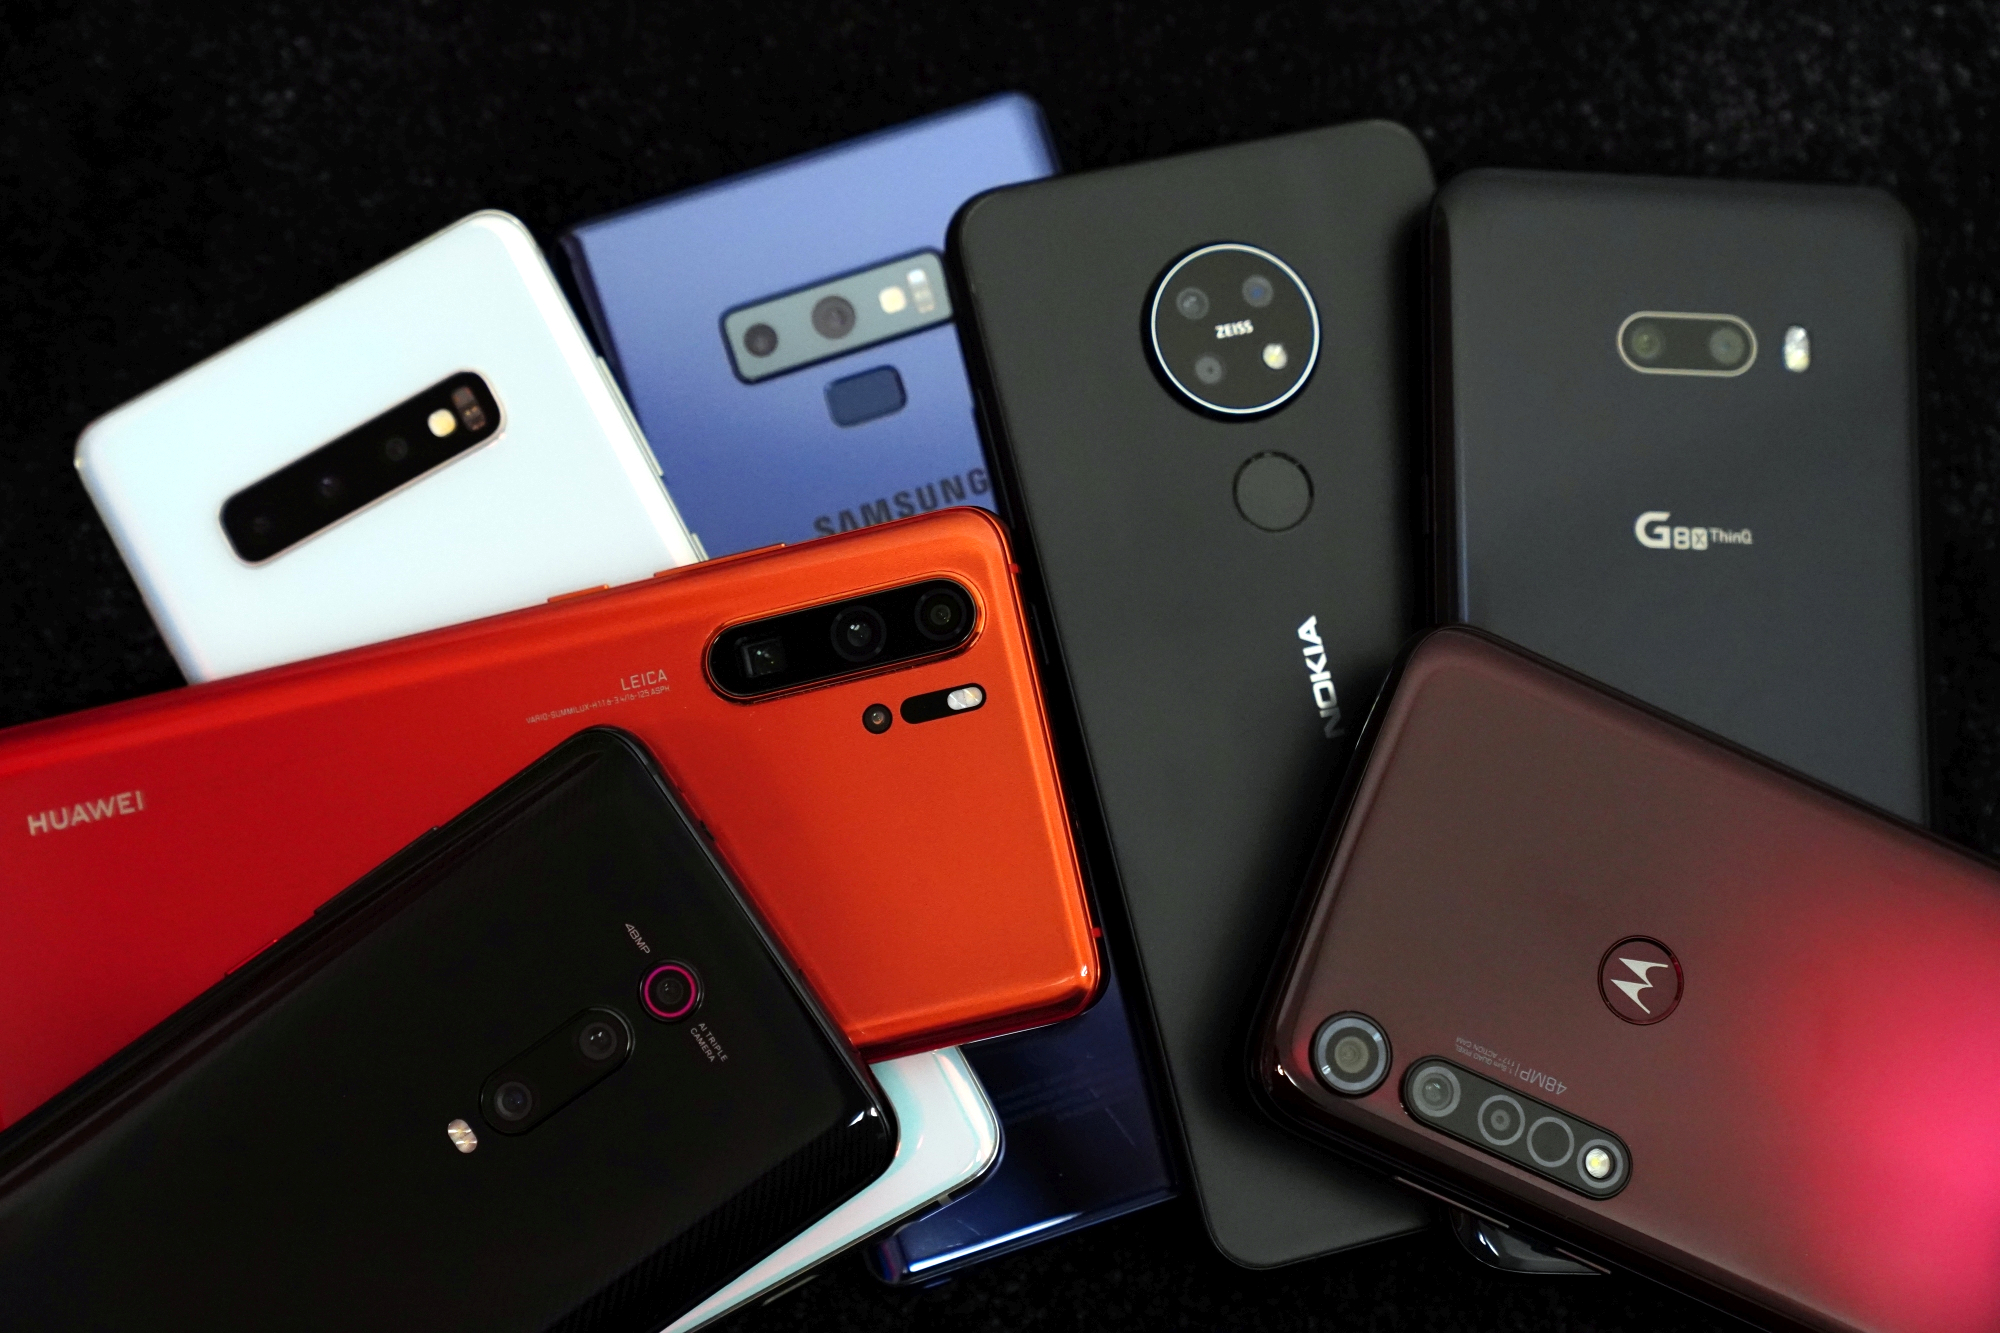 Jaki smartfon do 3500 złotych warto kupić? 16 smartfon